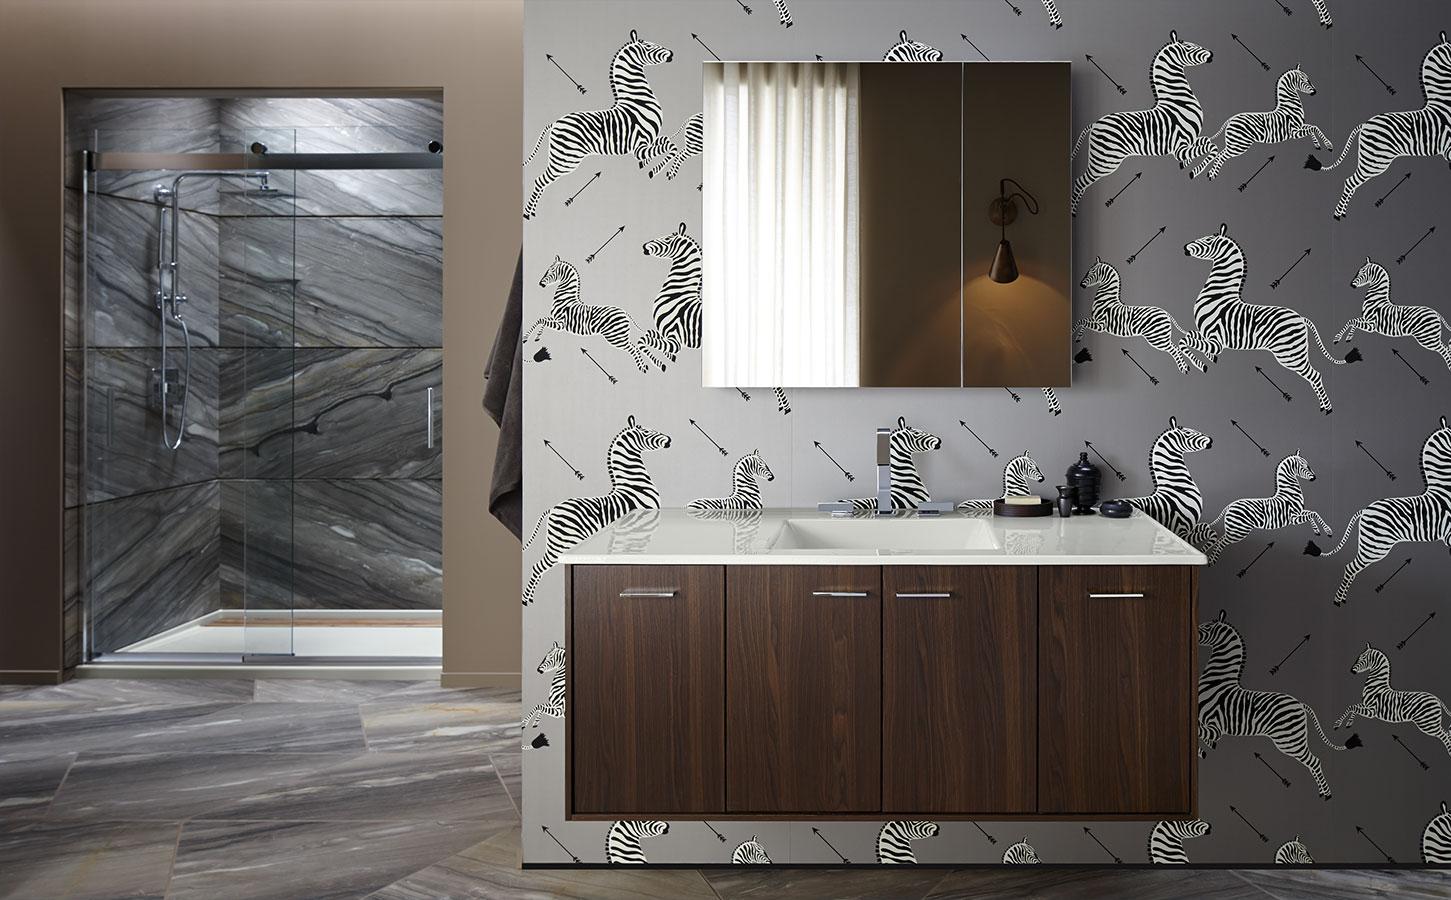 Kohler Featured Gallery | Kitchen & Bath Showroom & Accessories ...